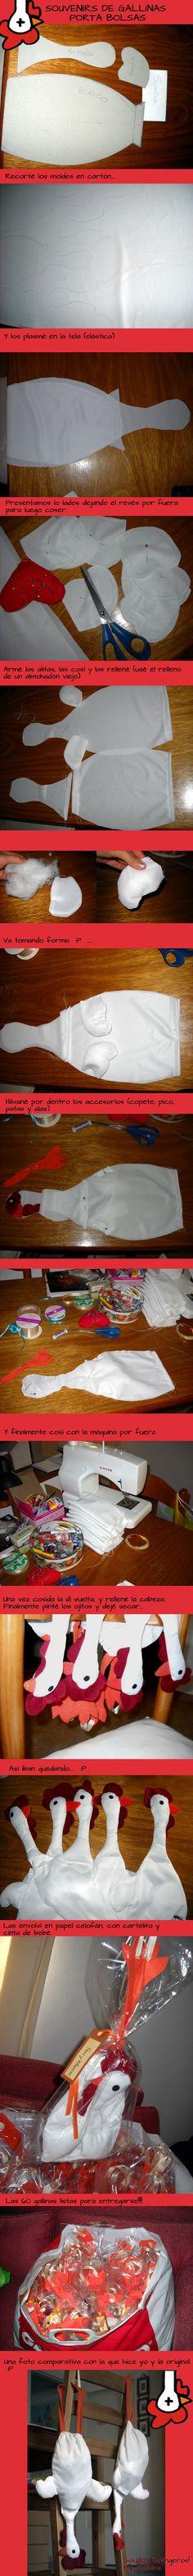 Souvenirs casamiento con gallinas porta bolsas: